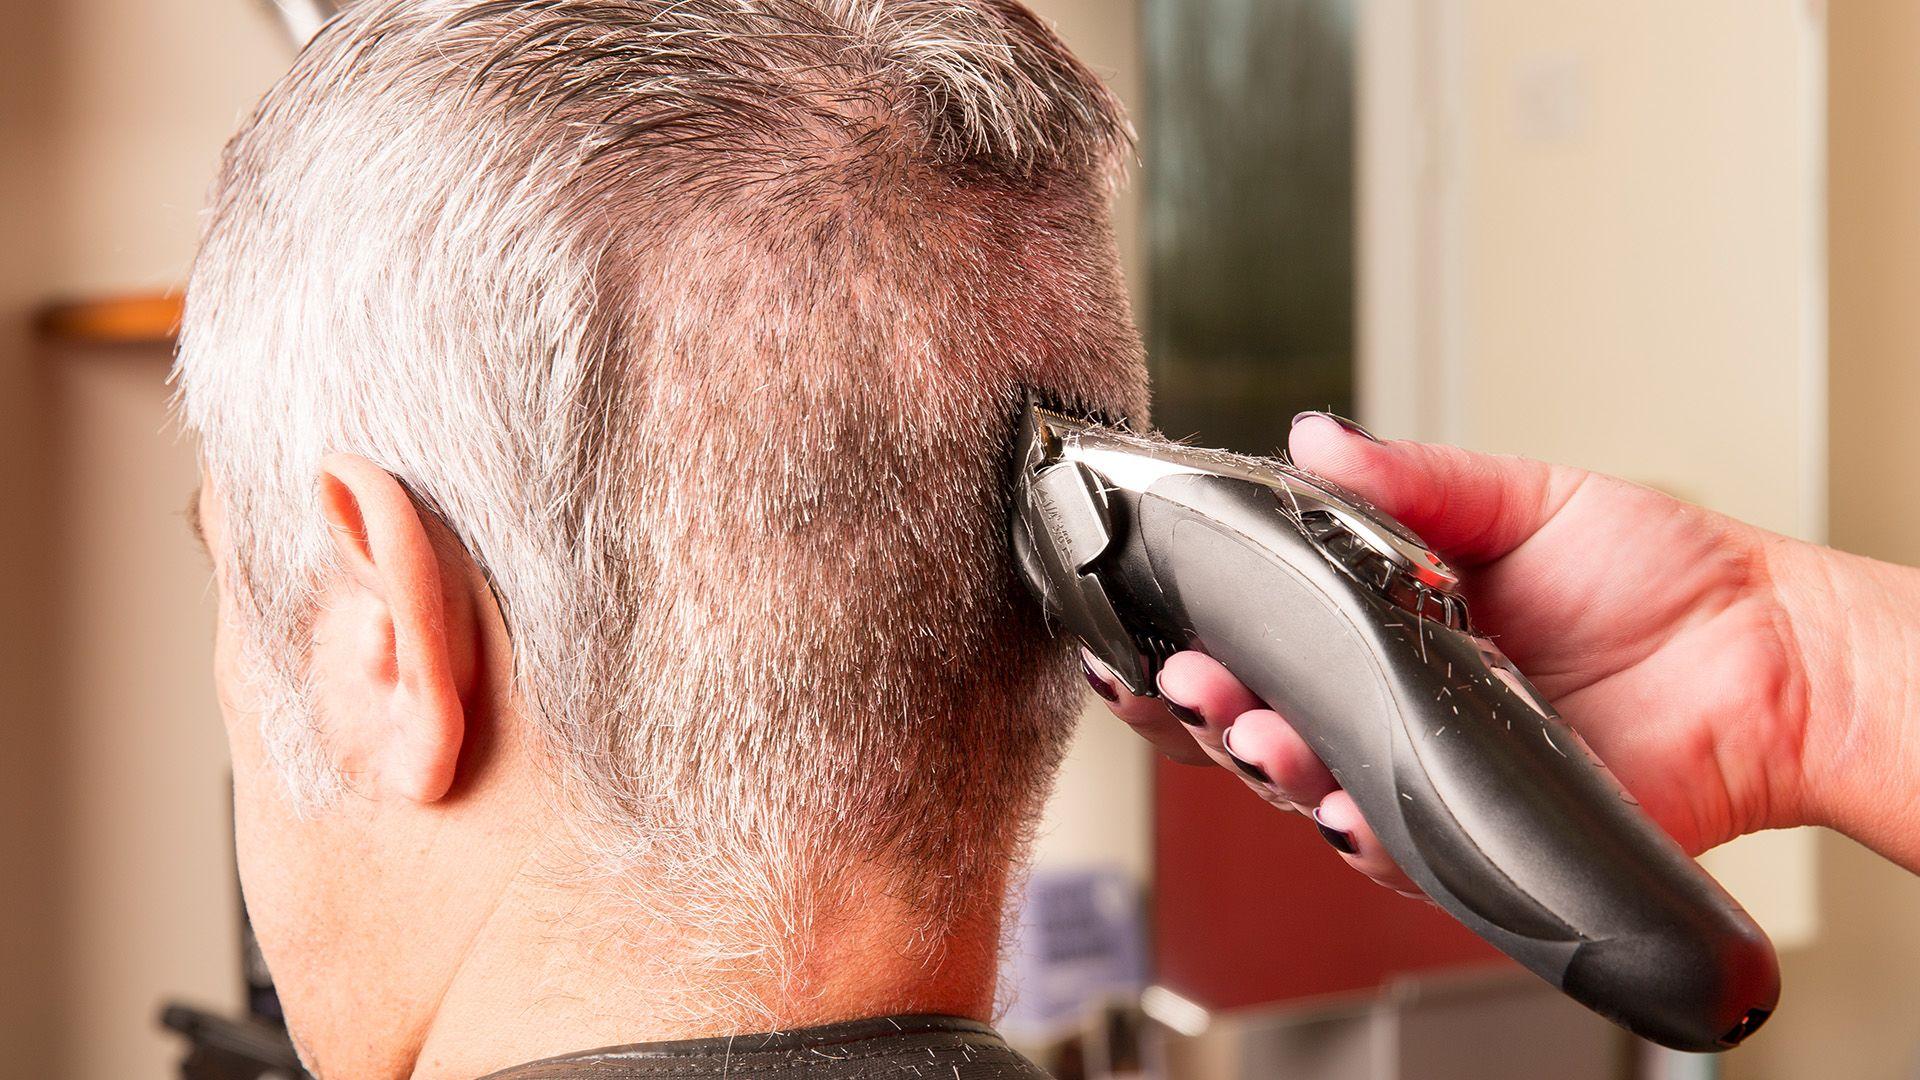 Legalább három különböző fokozatot használjunk ha hajnyírógéppel akarjuk levágni a rövid hajat. (Illusztráció: Getty Images)